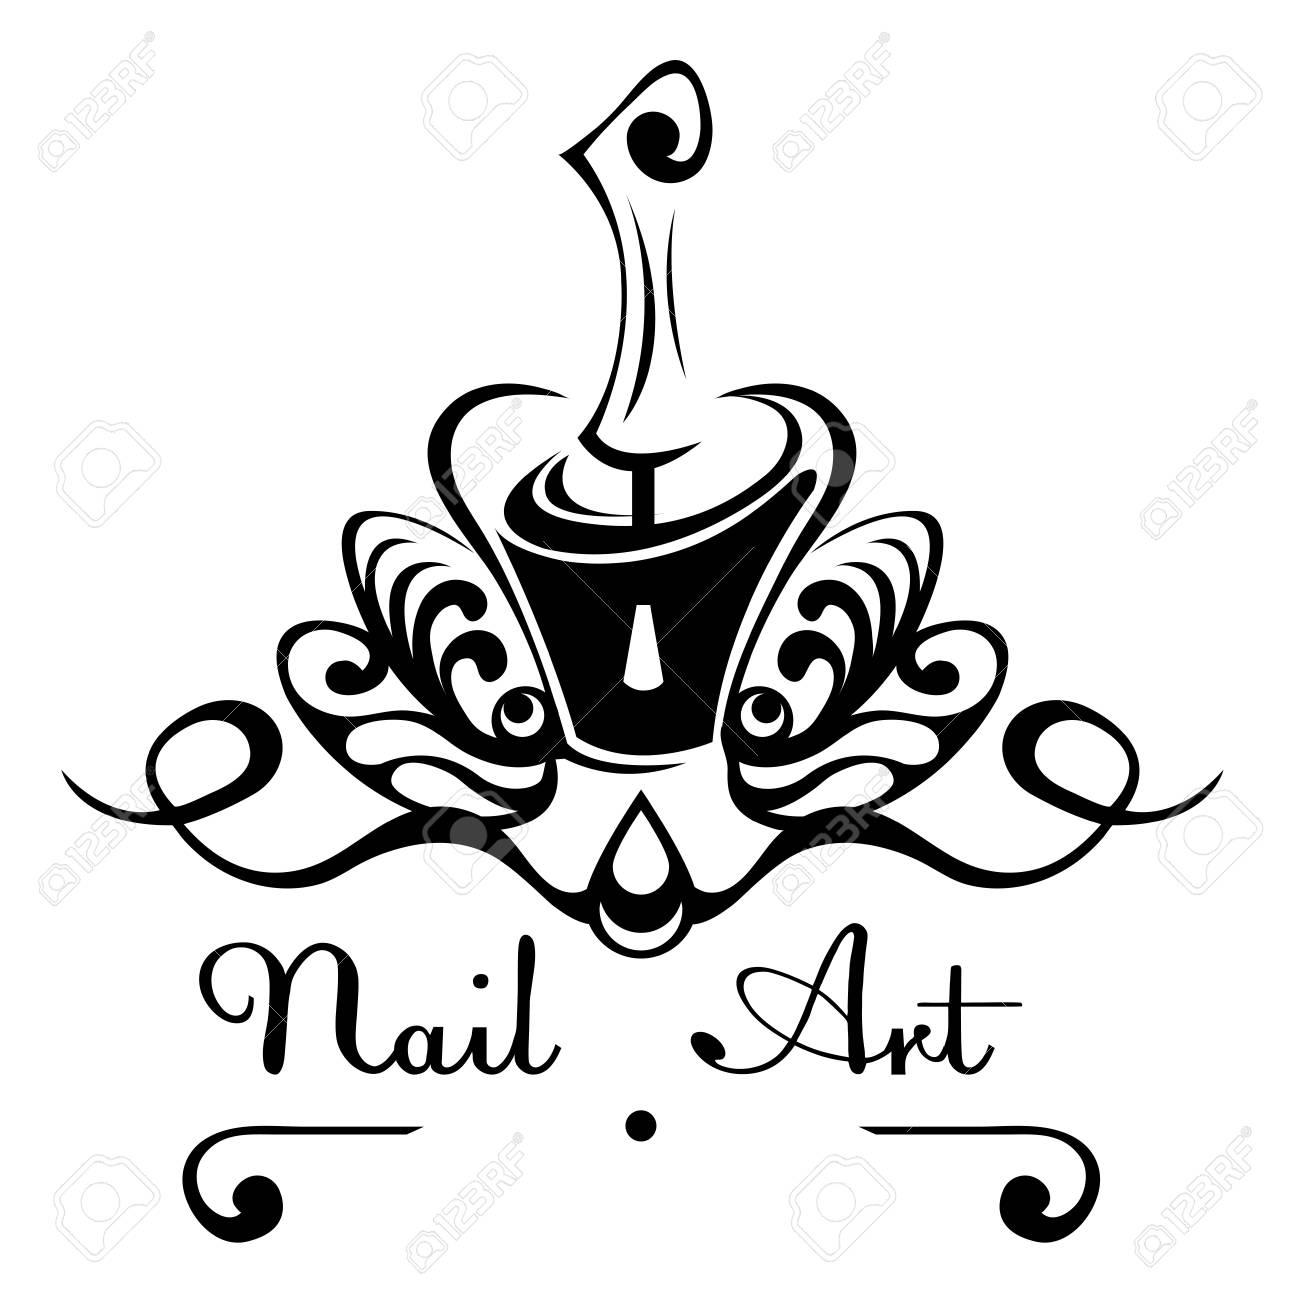 Nail Art Abstract Vector Logo Bottle Of Nail Polish With A Brush